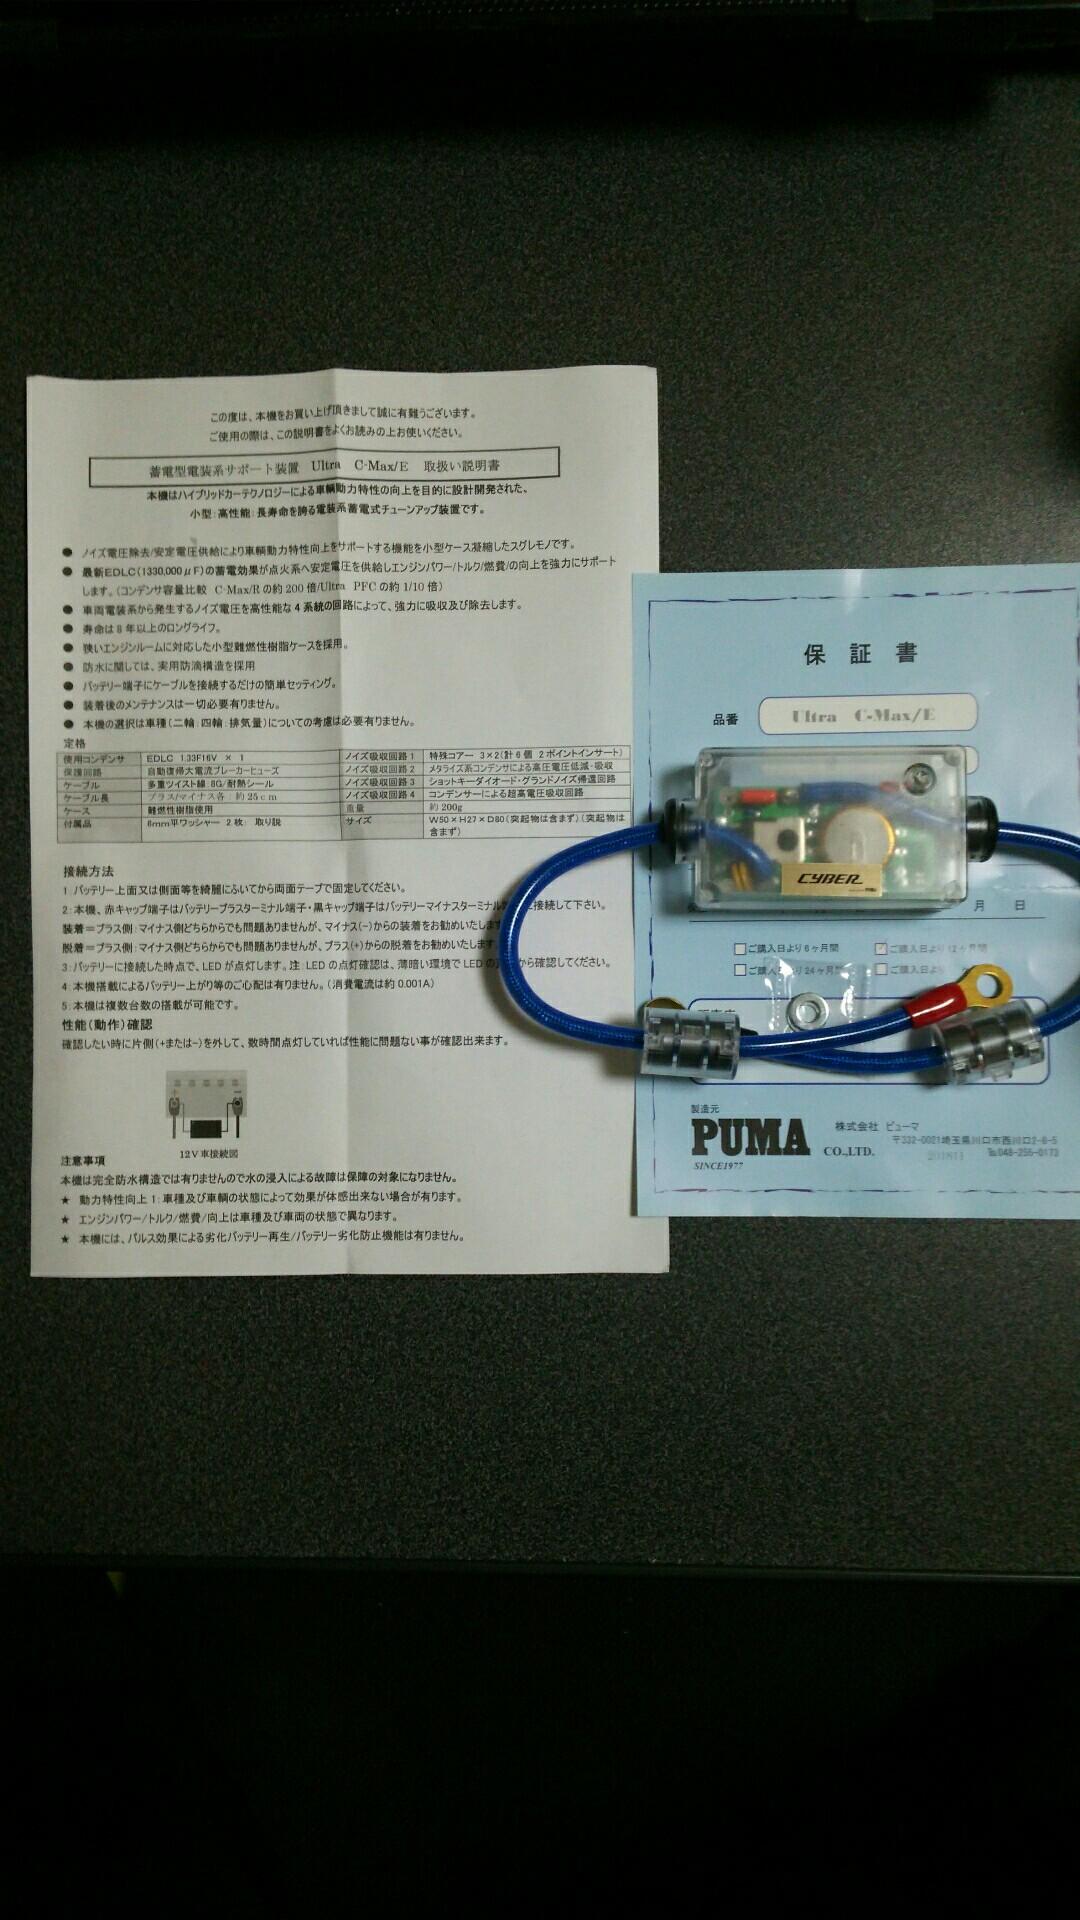 PUMA ULTRA C-Max/E